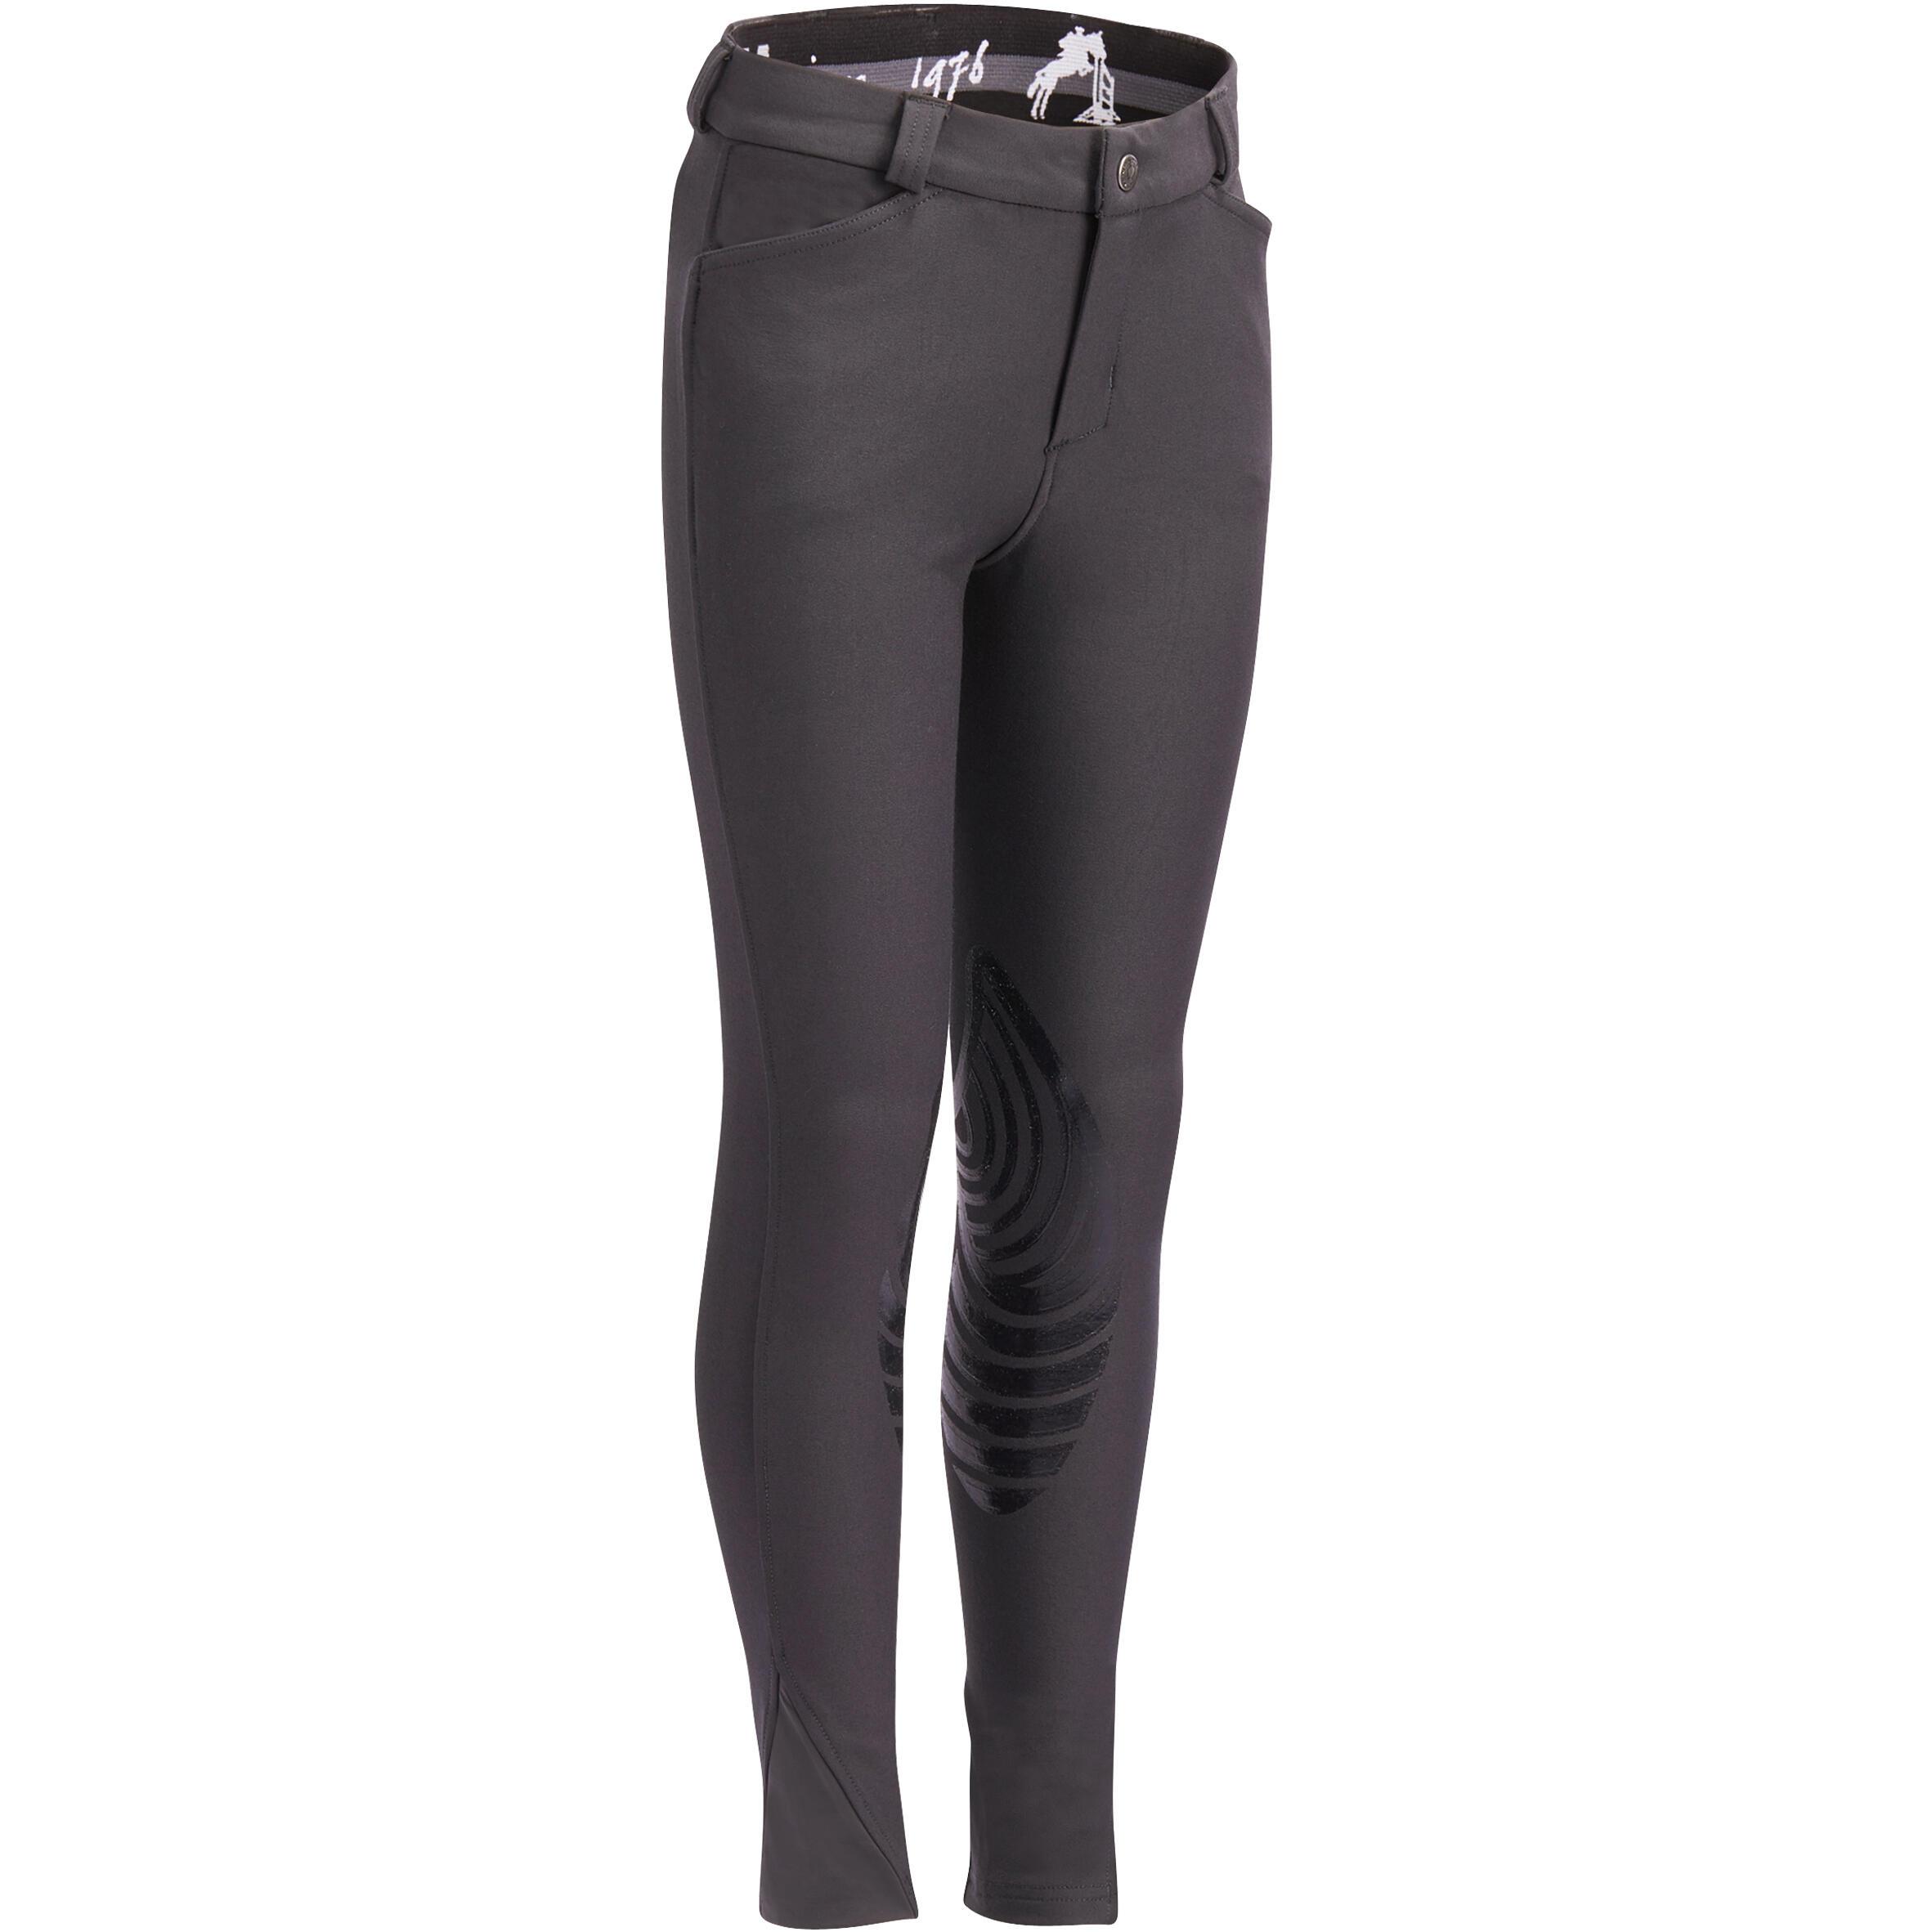 Pantalon echitație 560 GRIP